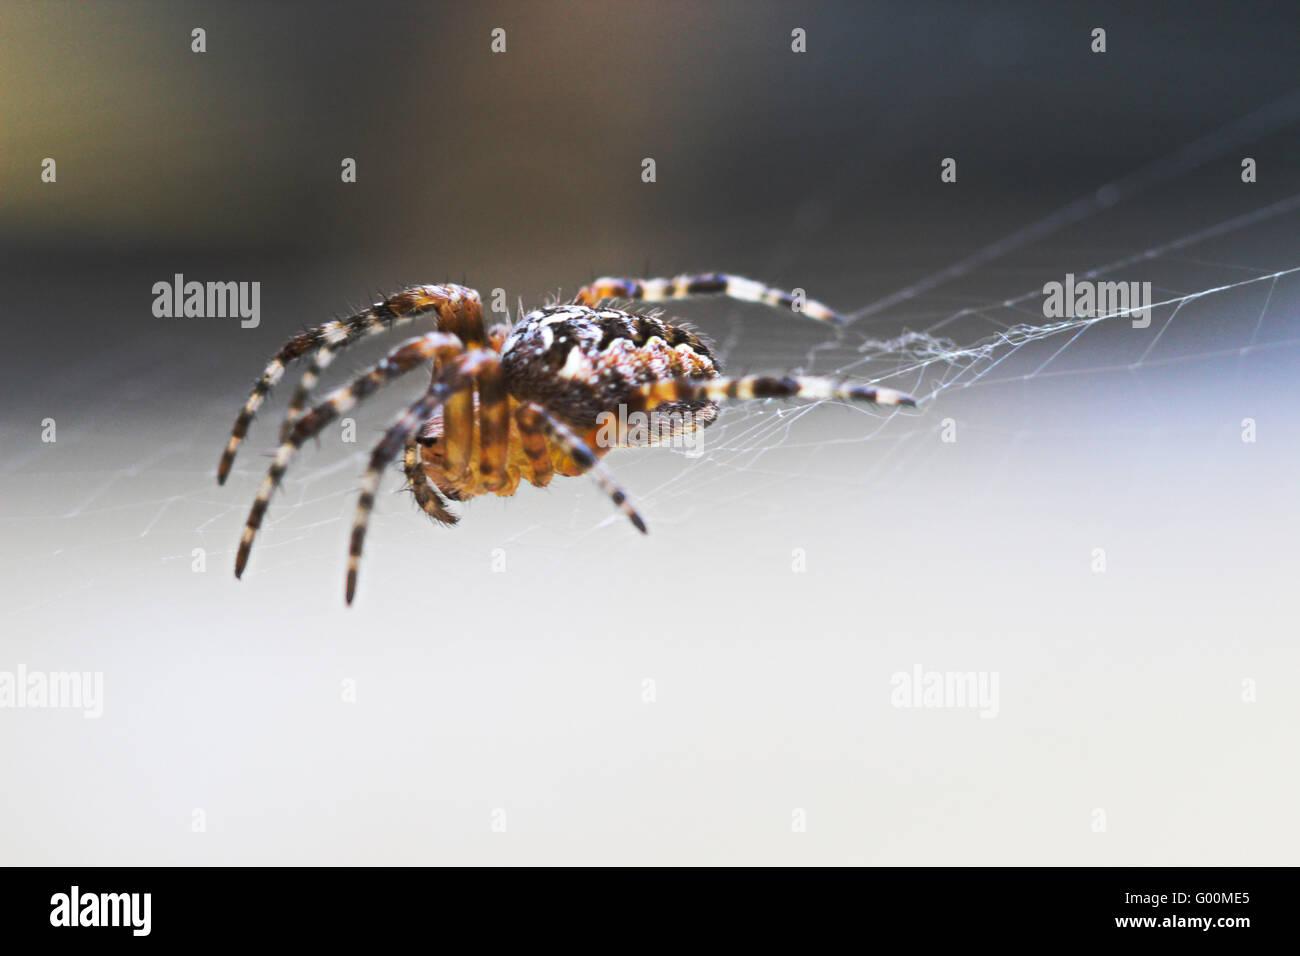 Macro - Spider - Stock Image